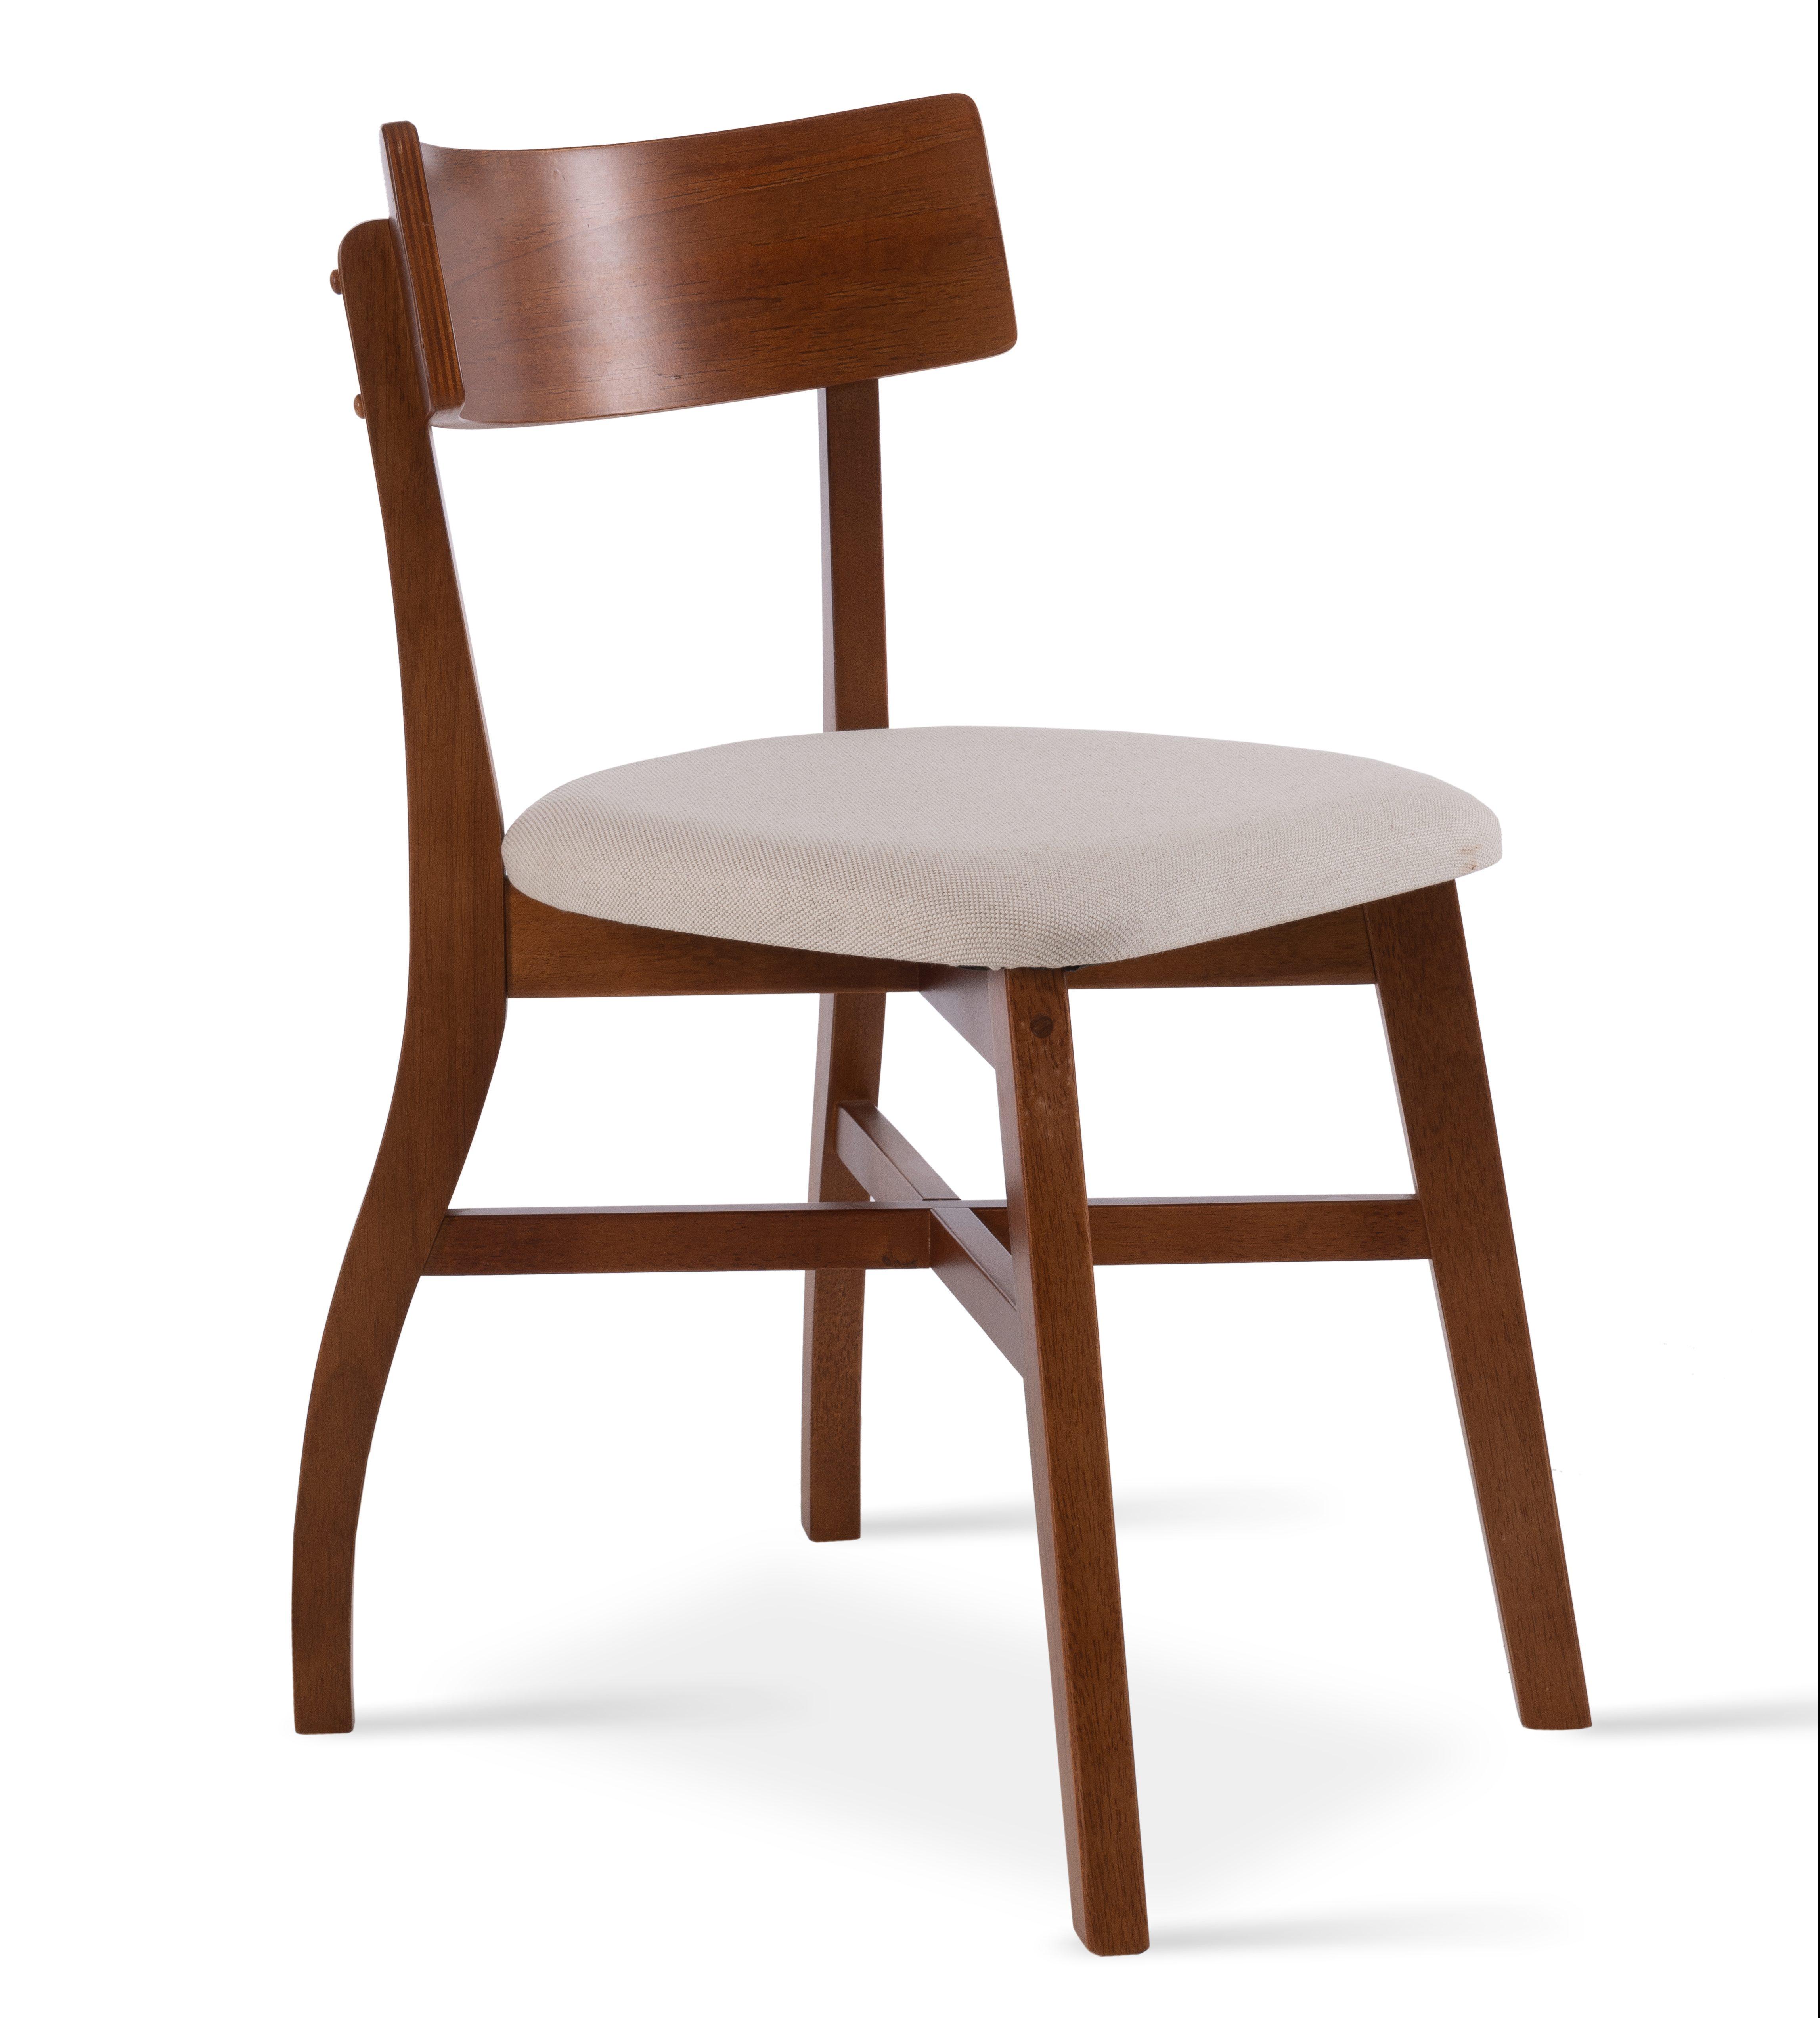 cadeira due